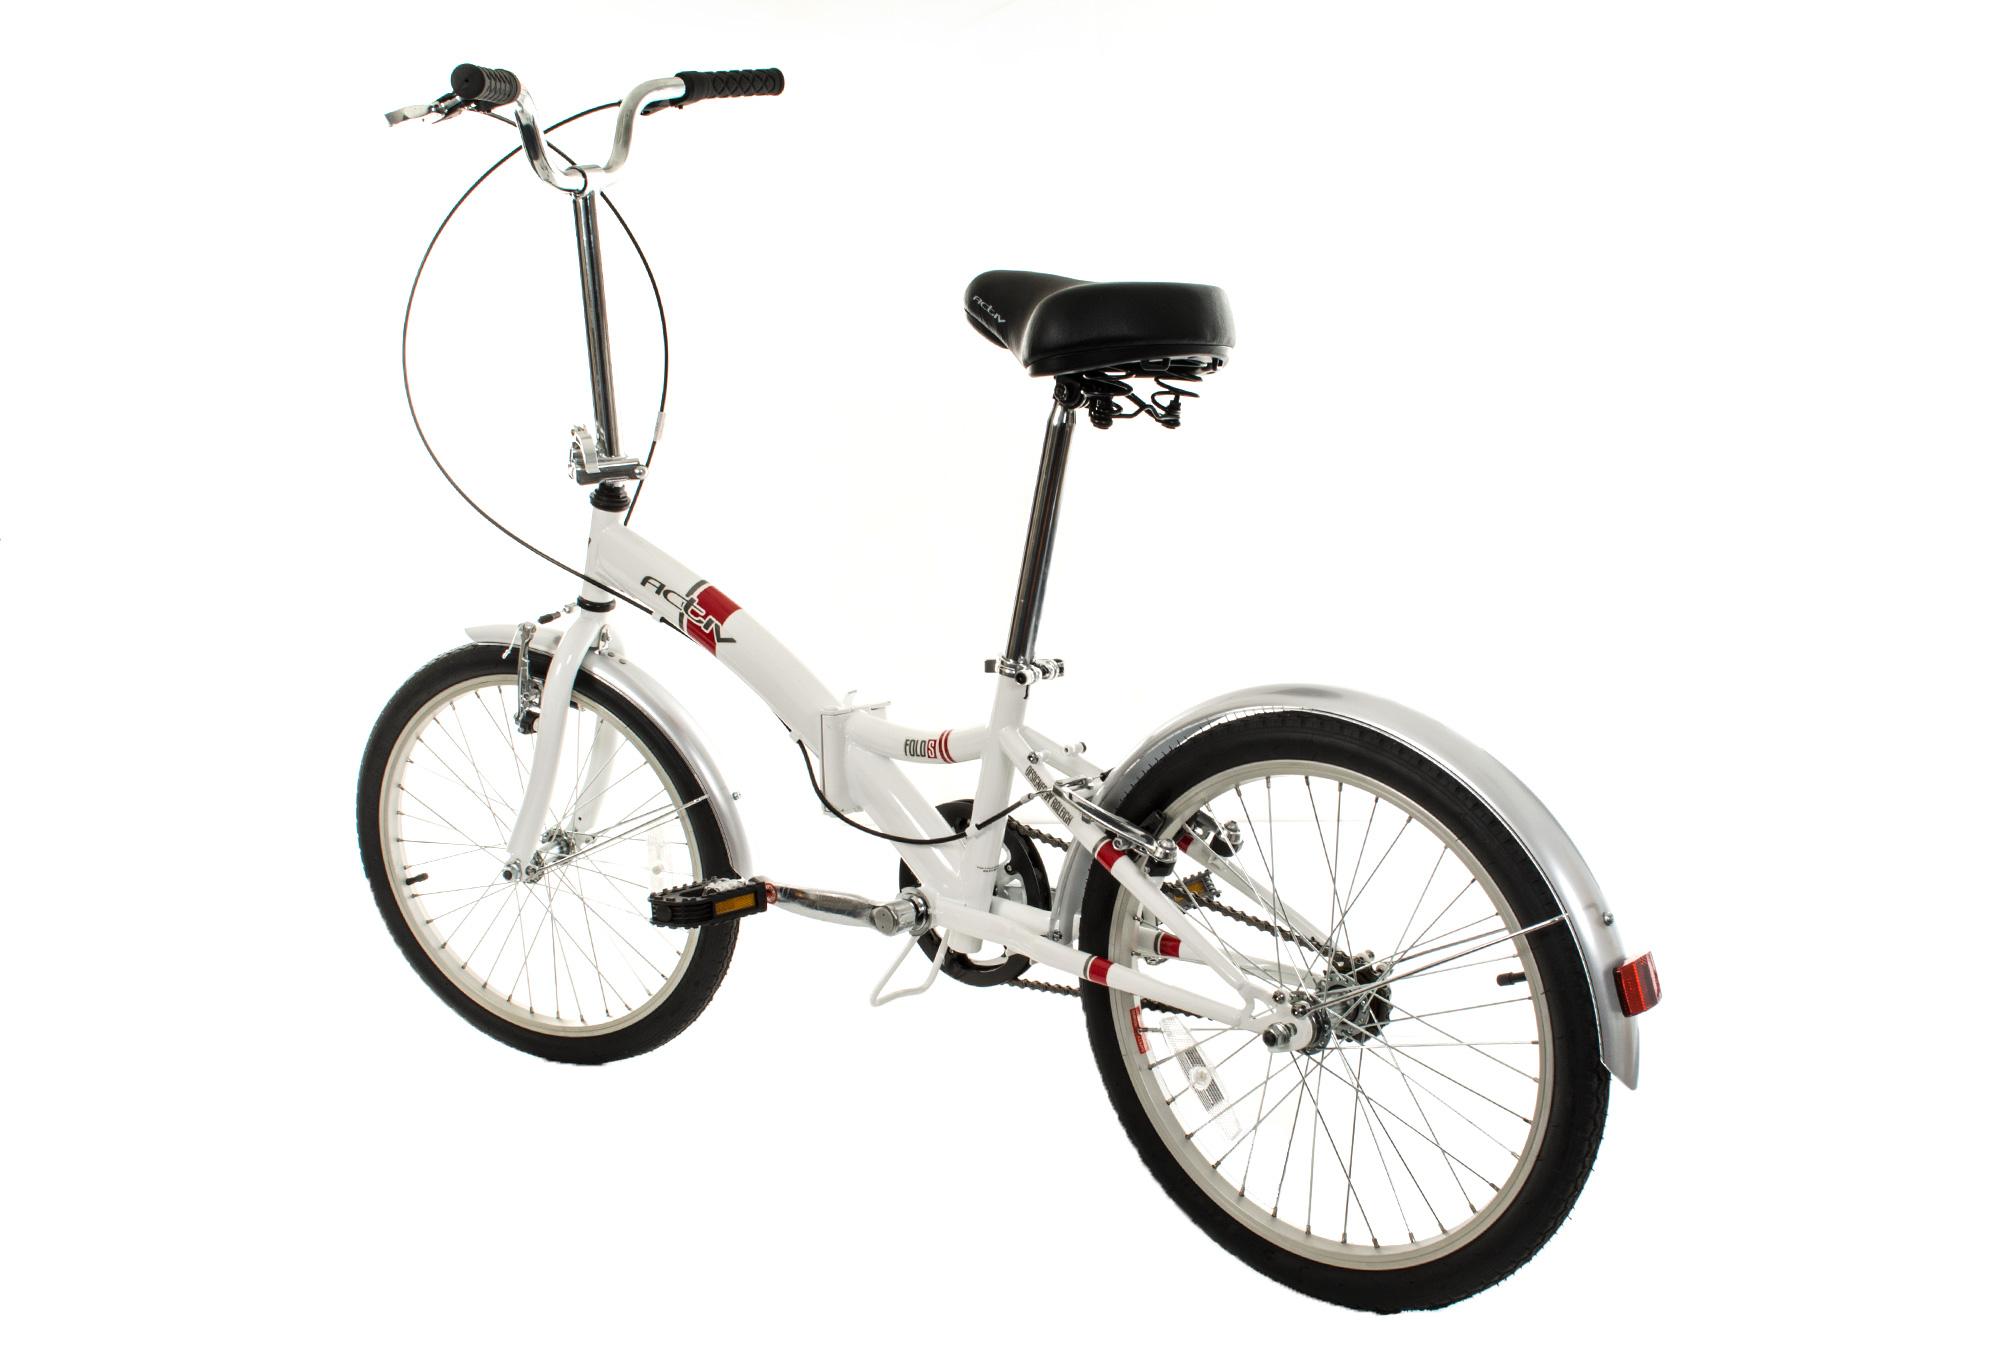 Bicicletta Pieghevole 20 Raleigh.Bici Pieghevole Raleigh Activ Fold S 20 Bianca Alltricks It